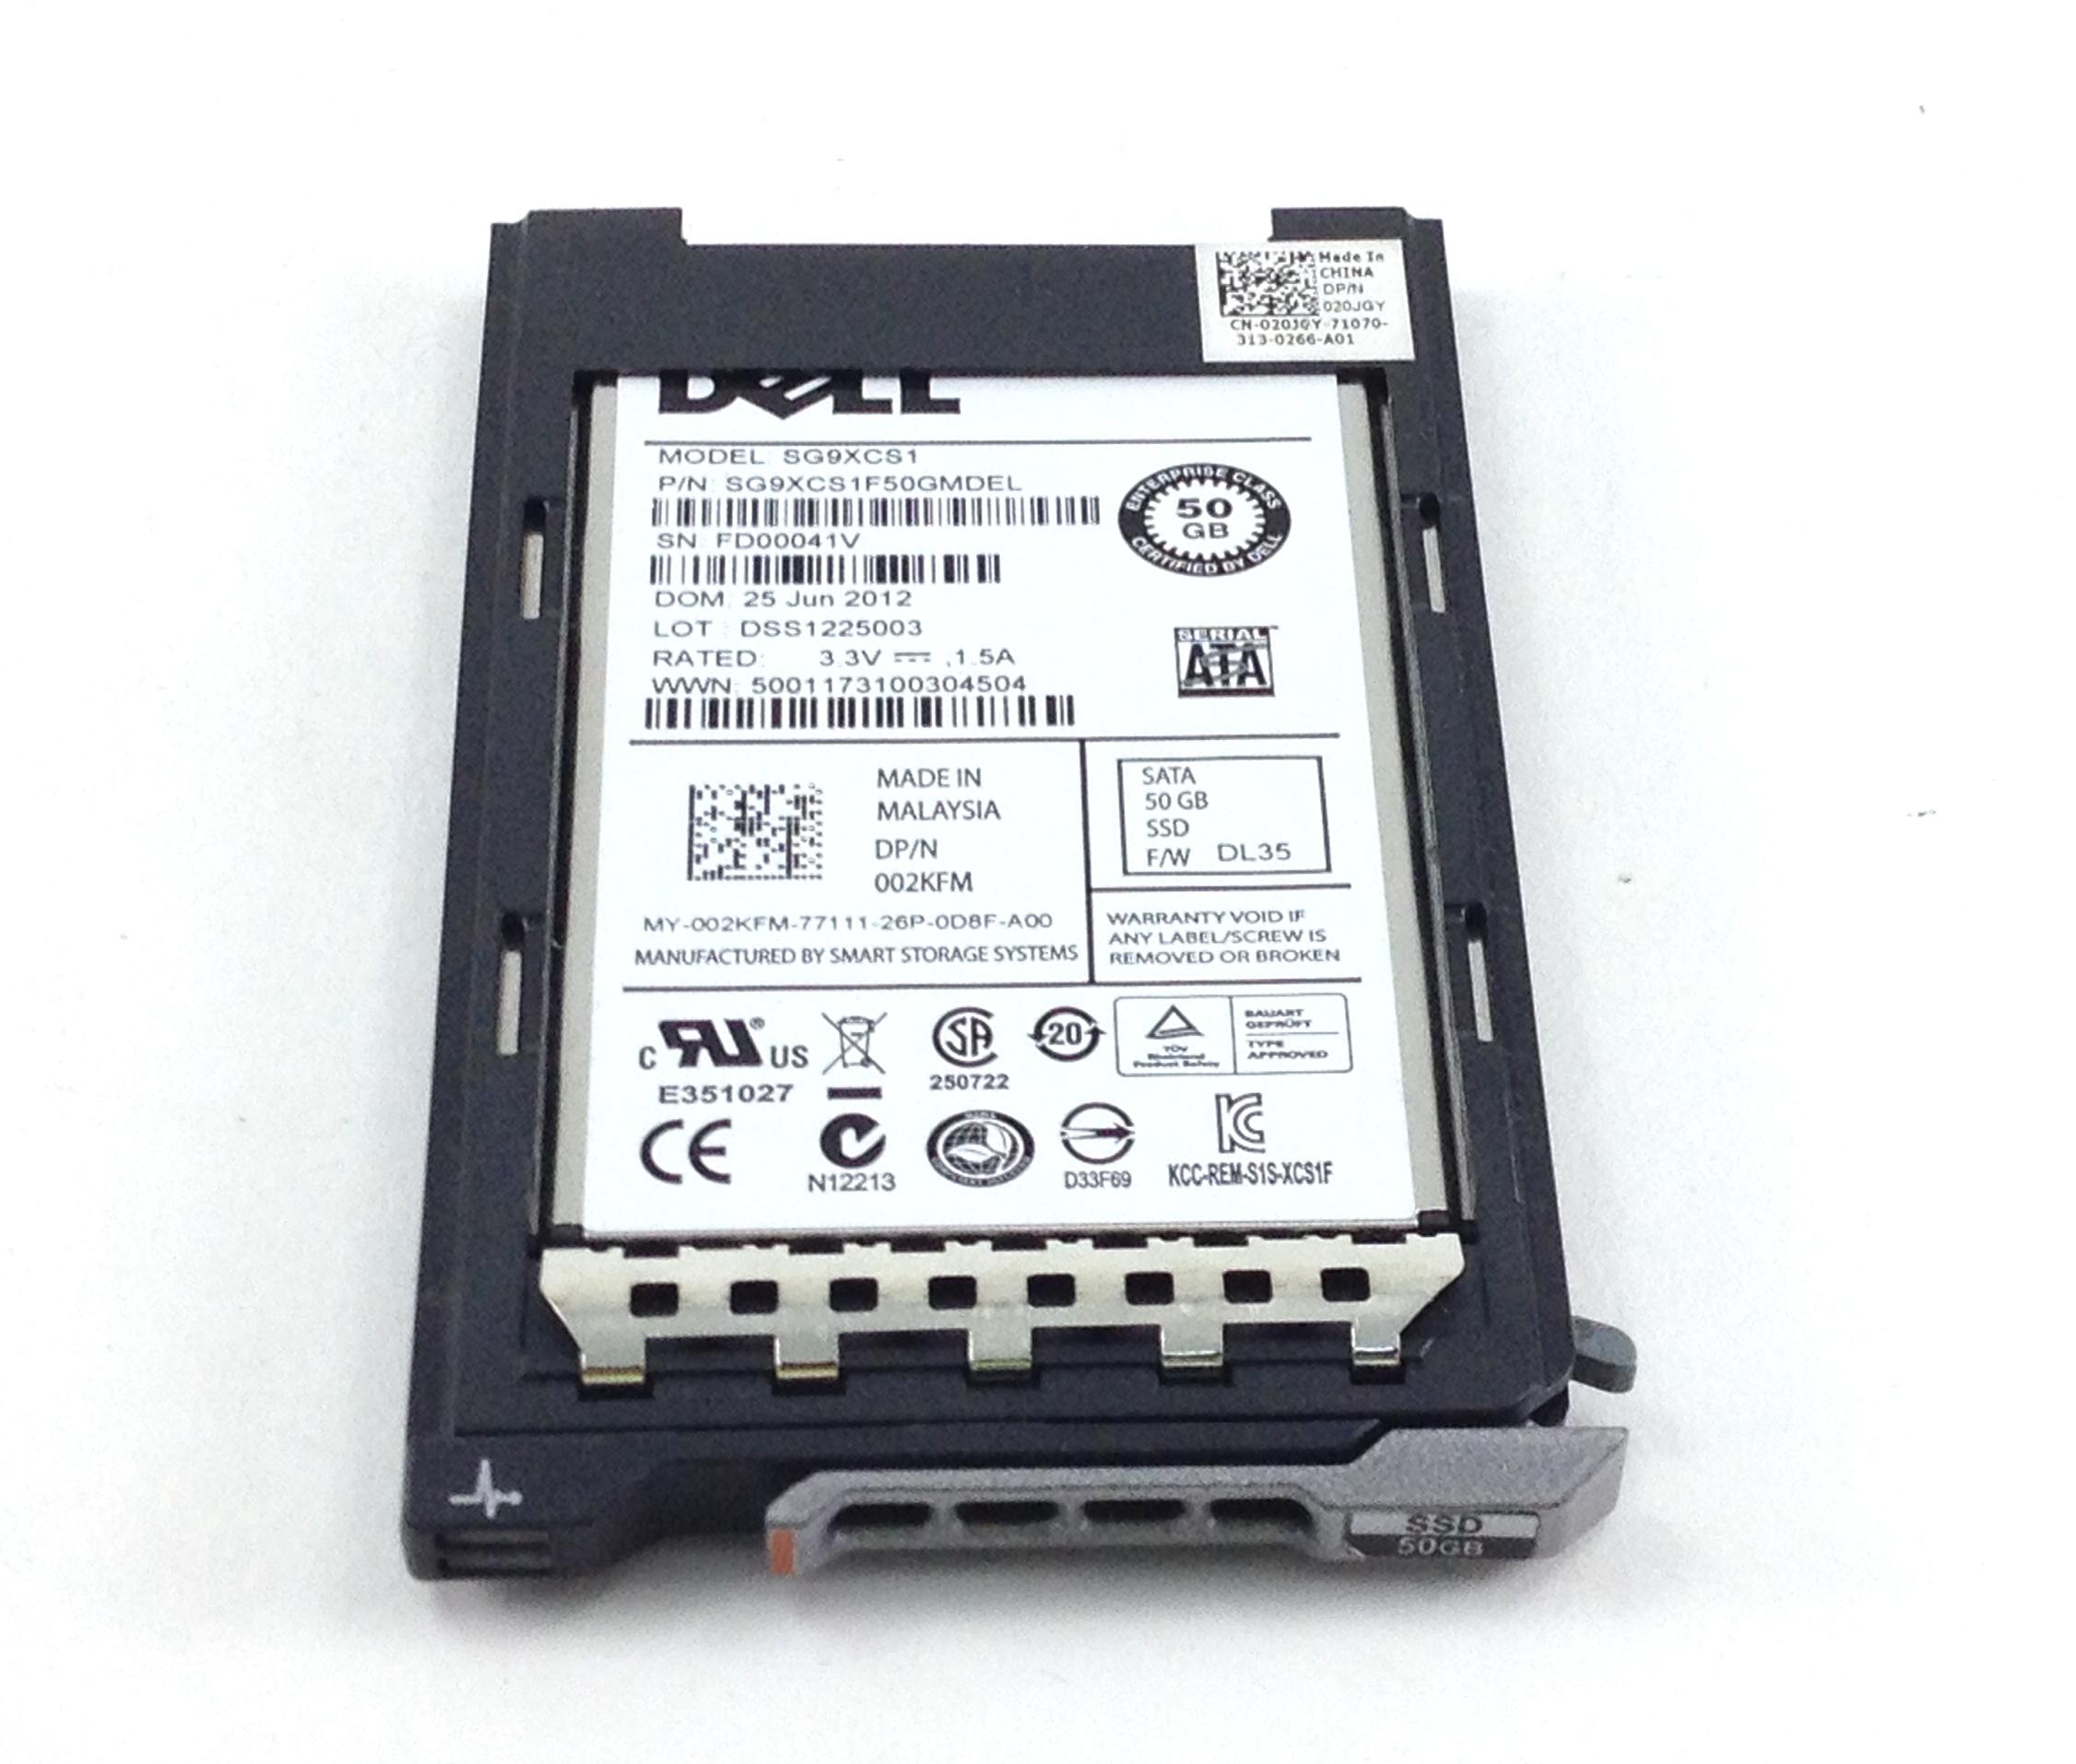 DELL 50GB SSD USATA 1.8'' ENTERPRISE MICRO SATA SOLID STATE HARD DRIVE (02KFM)